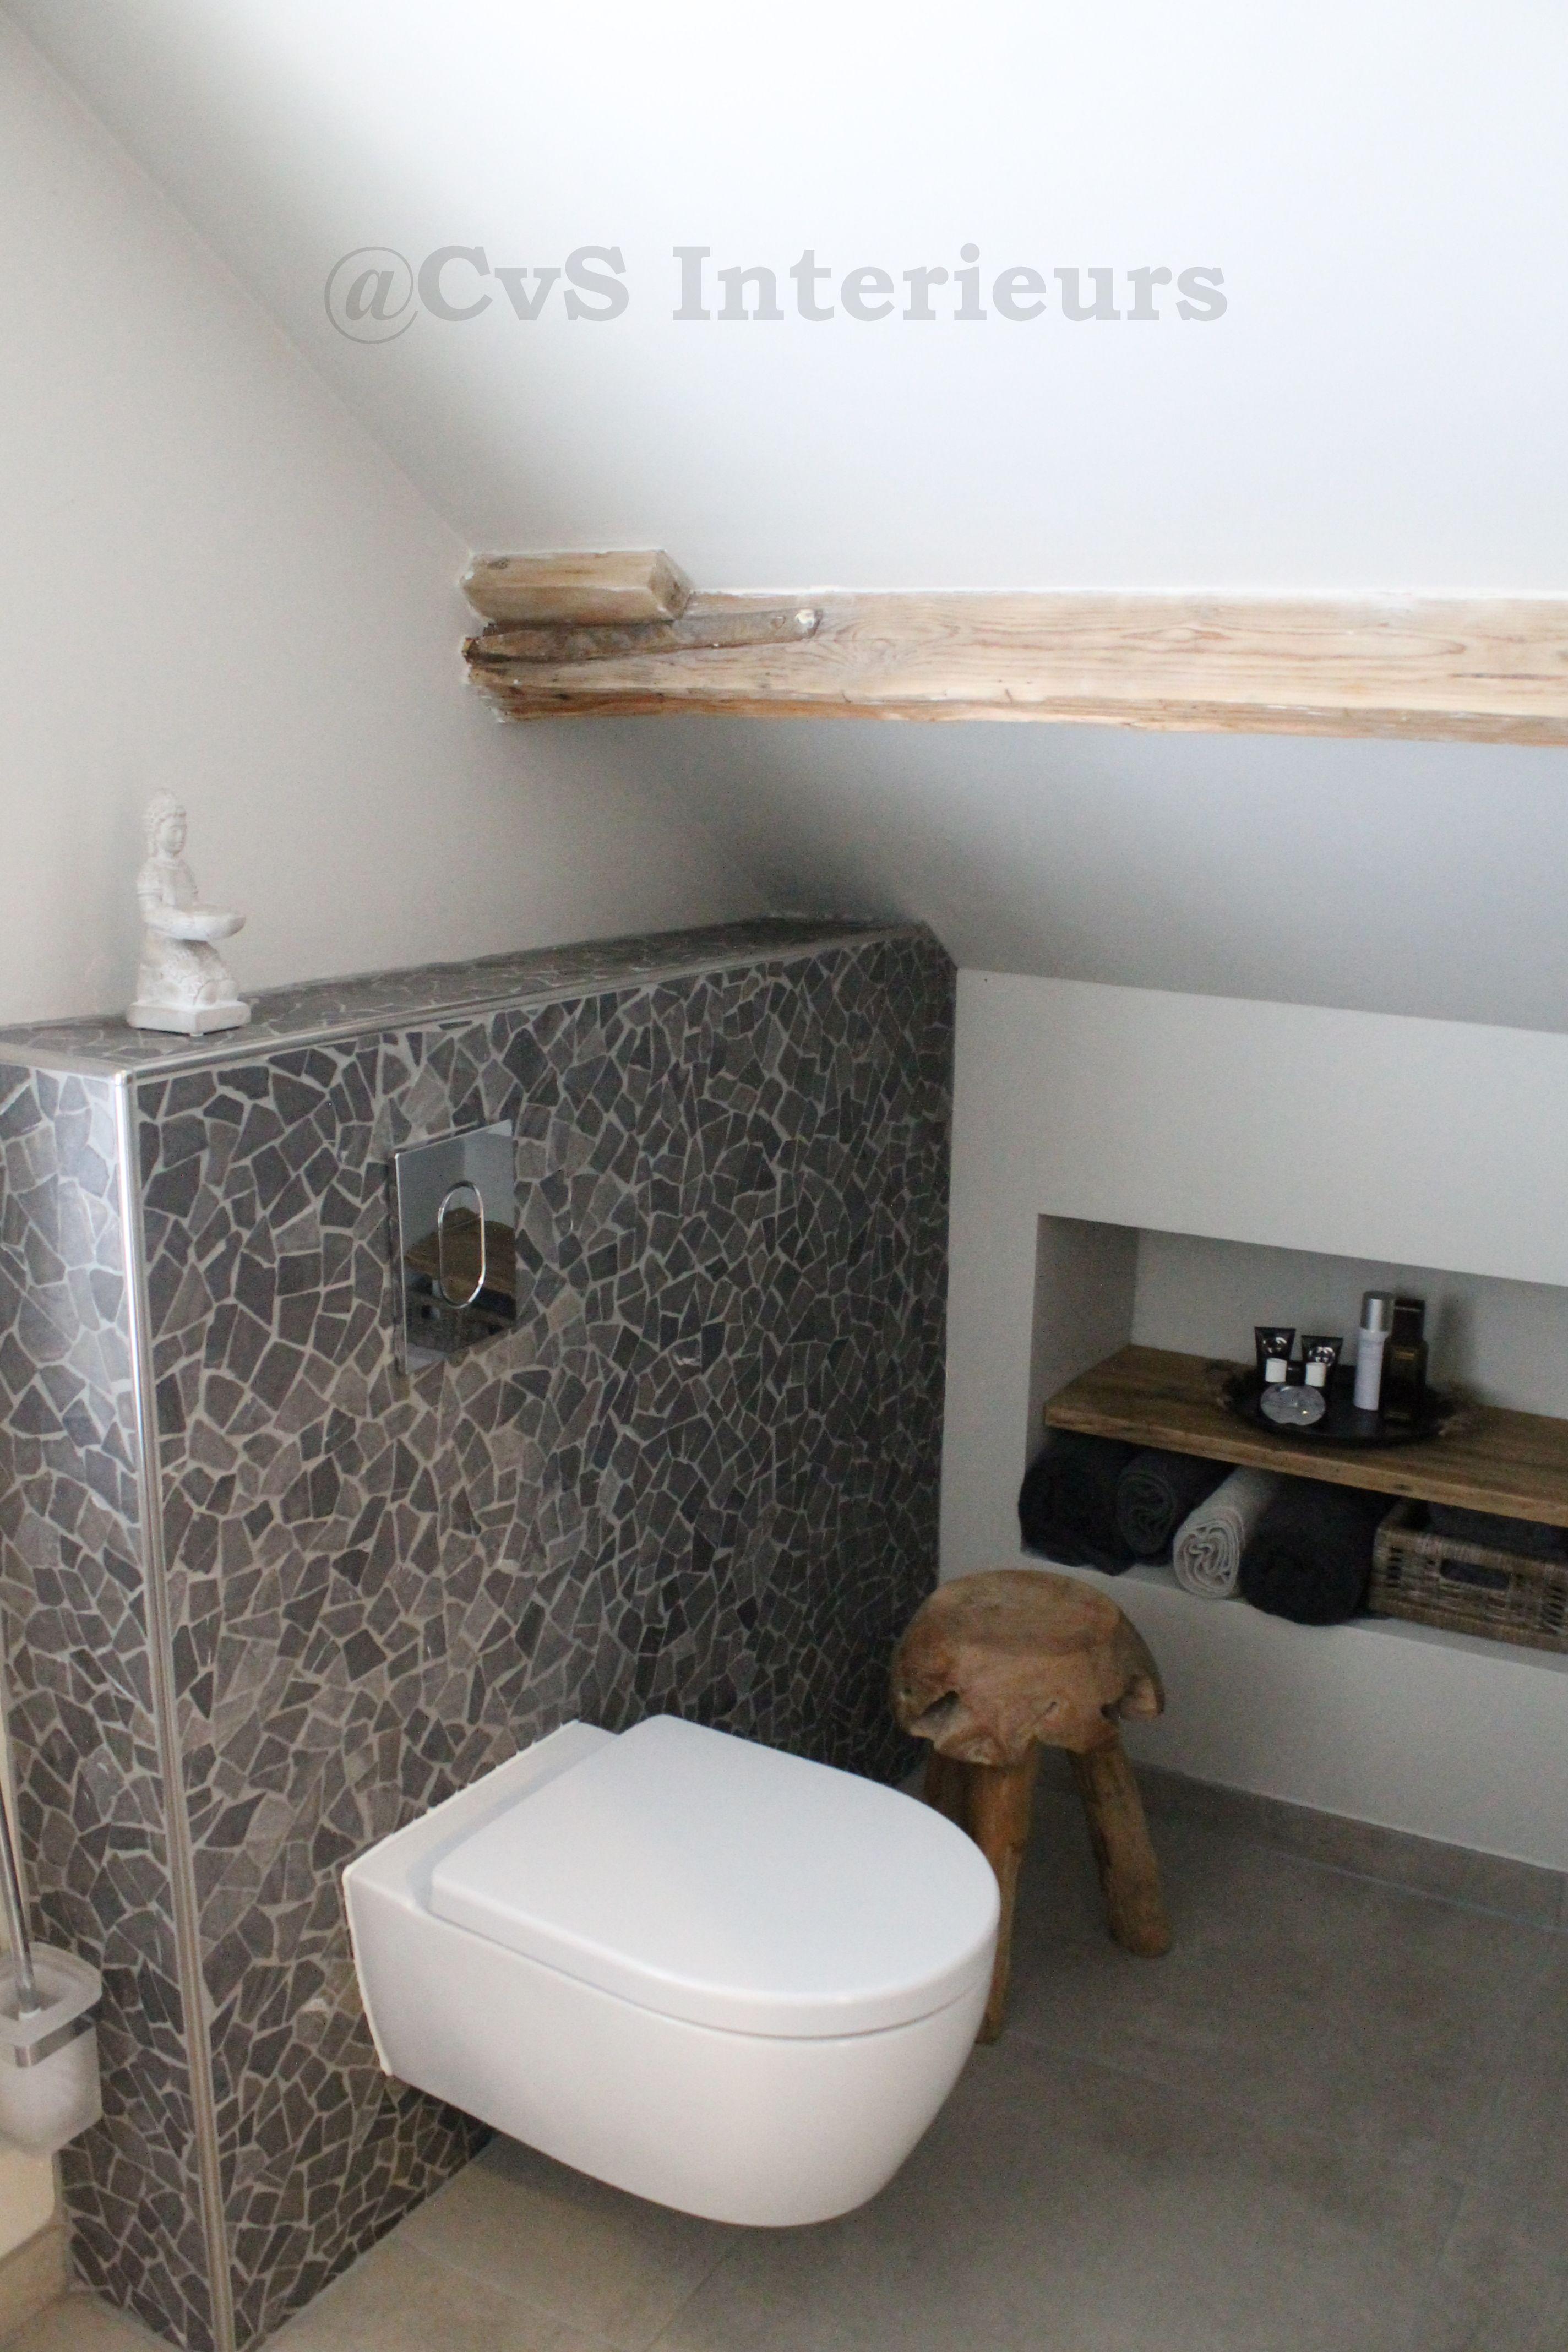 Stoer Landelijke badkamer - Colette van Schilt Interieurs | podrkoví ...